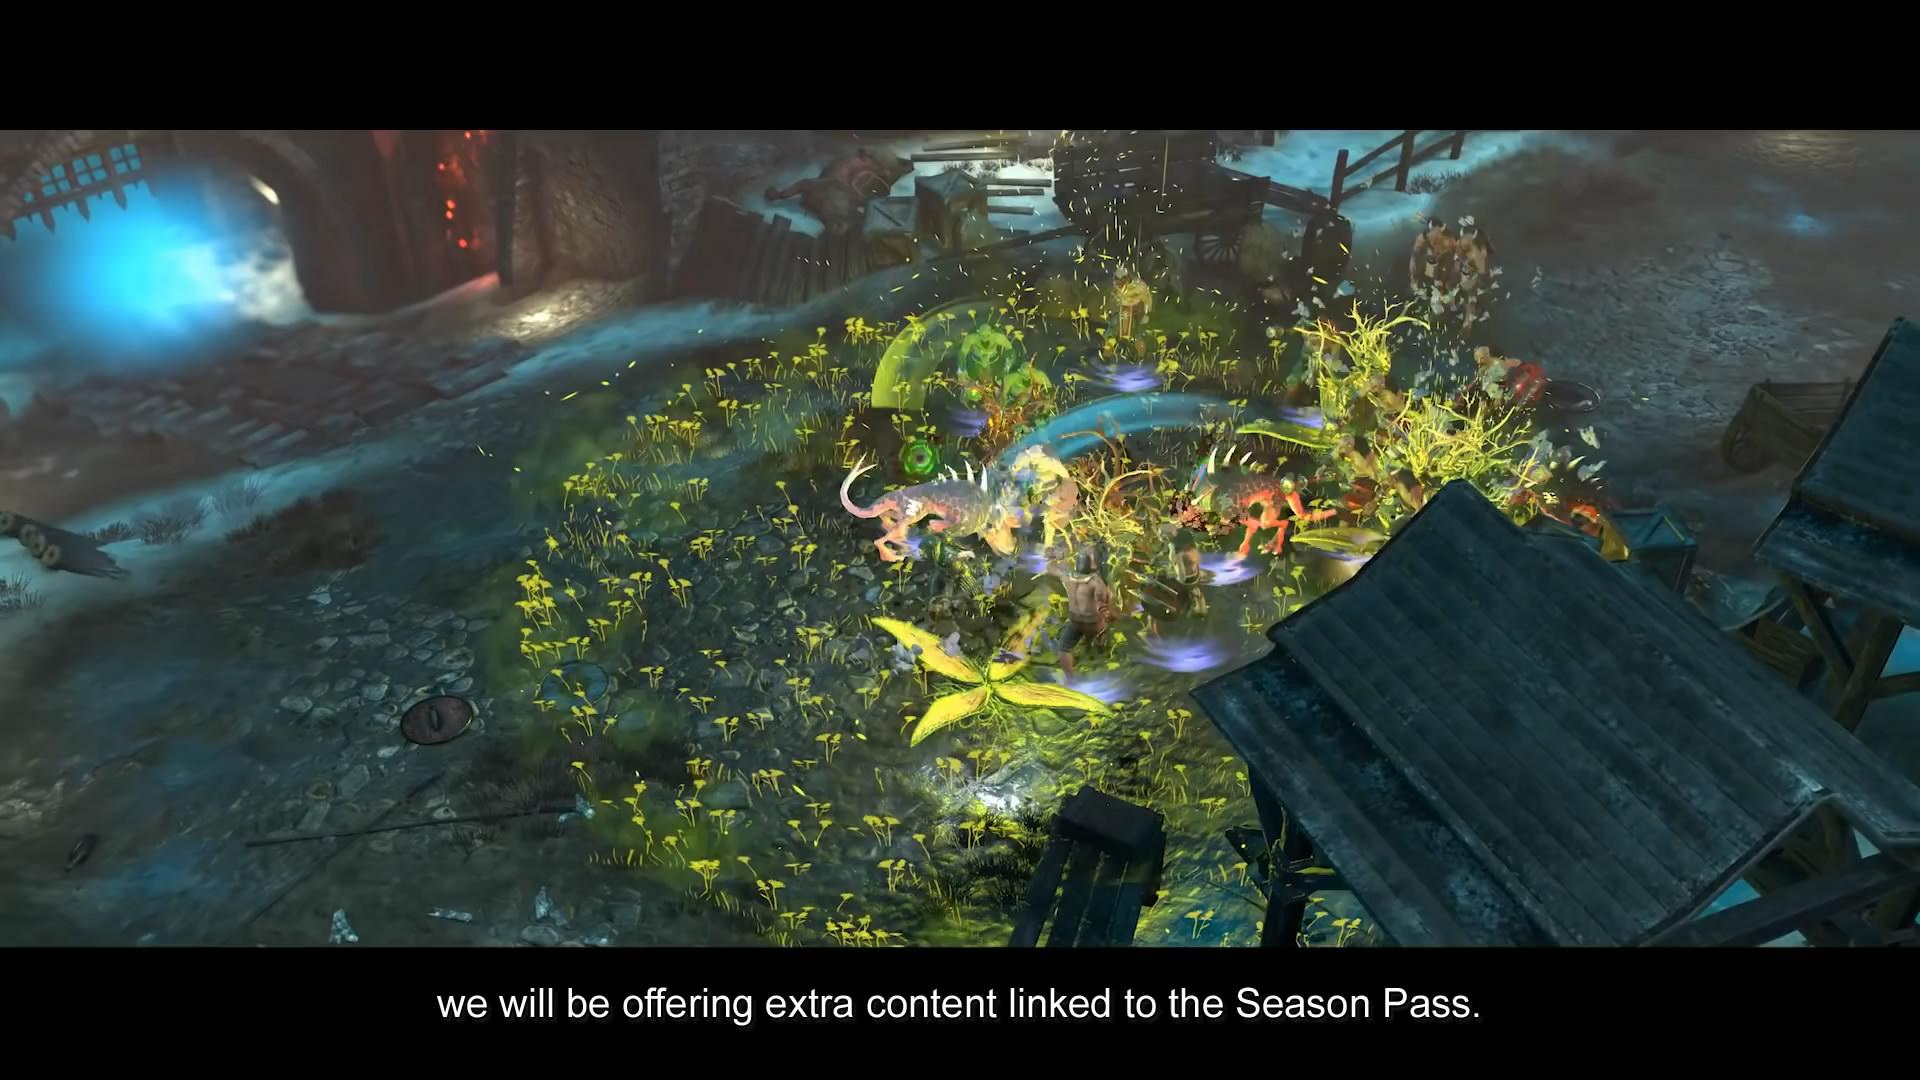 动作游戏《战锤:混沌祸根》新视频 和暗黑很相似